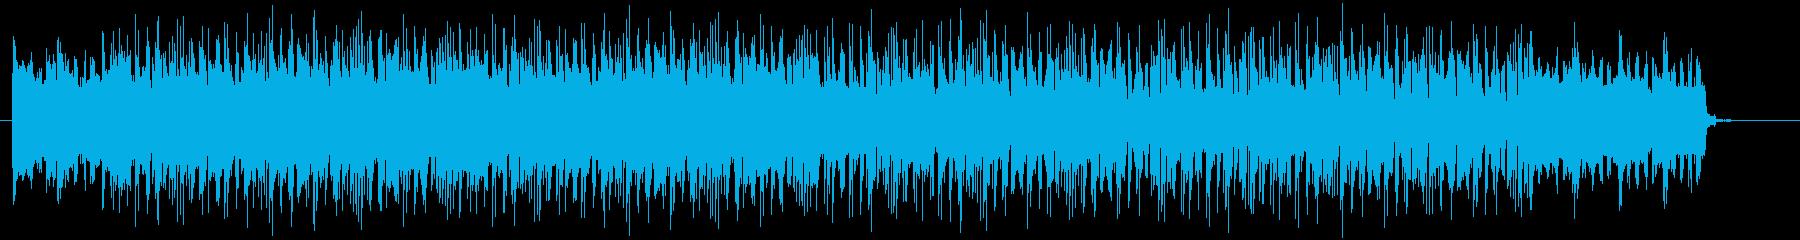 重みのあるオープニング曲の再生済みの波形